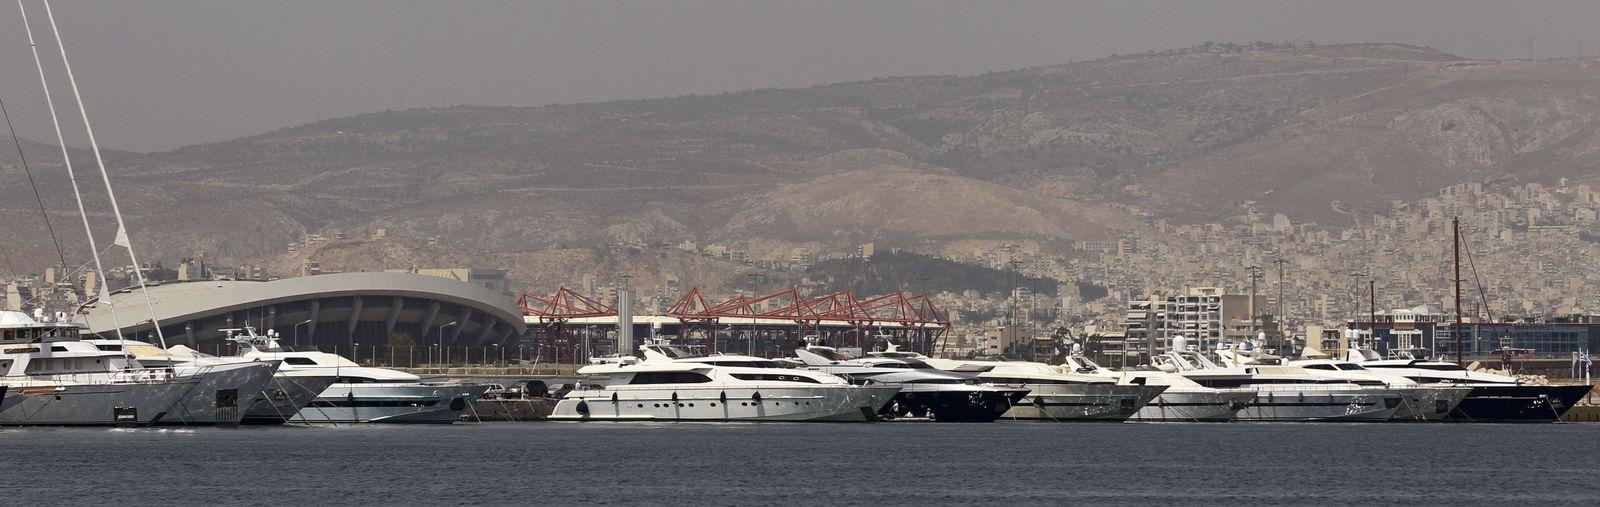 Griechenland / Yacht-Hafen